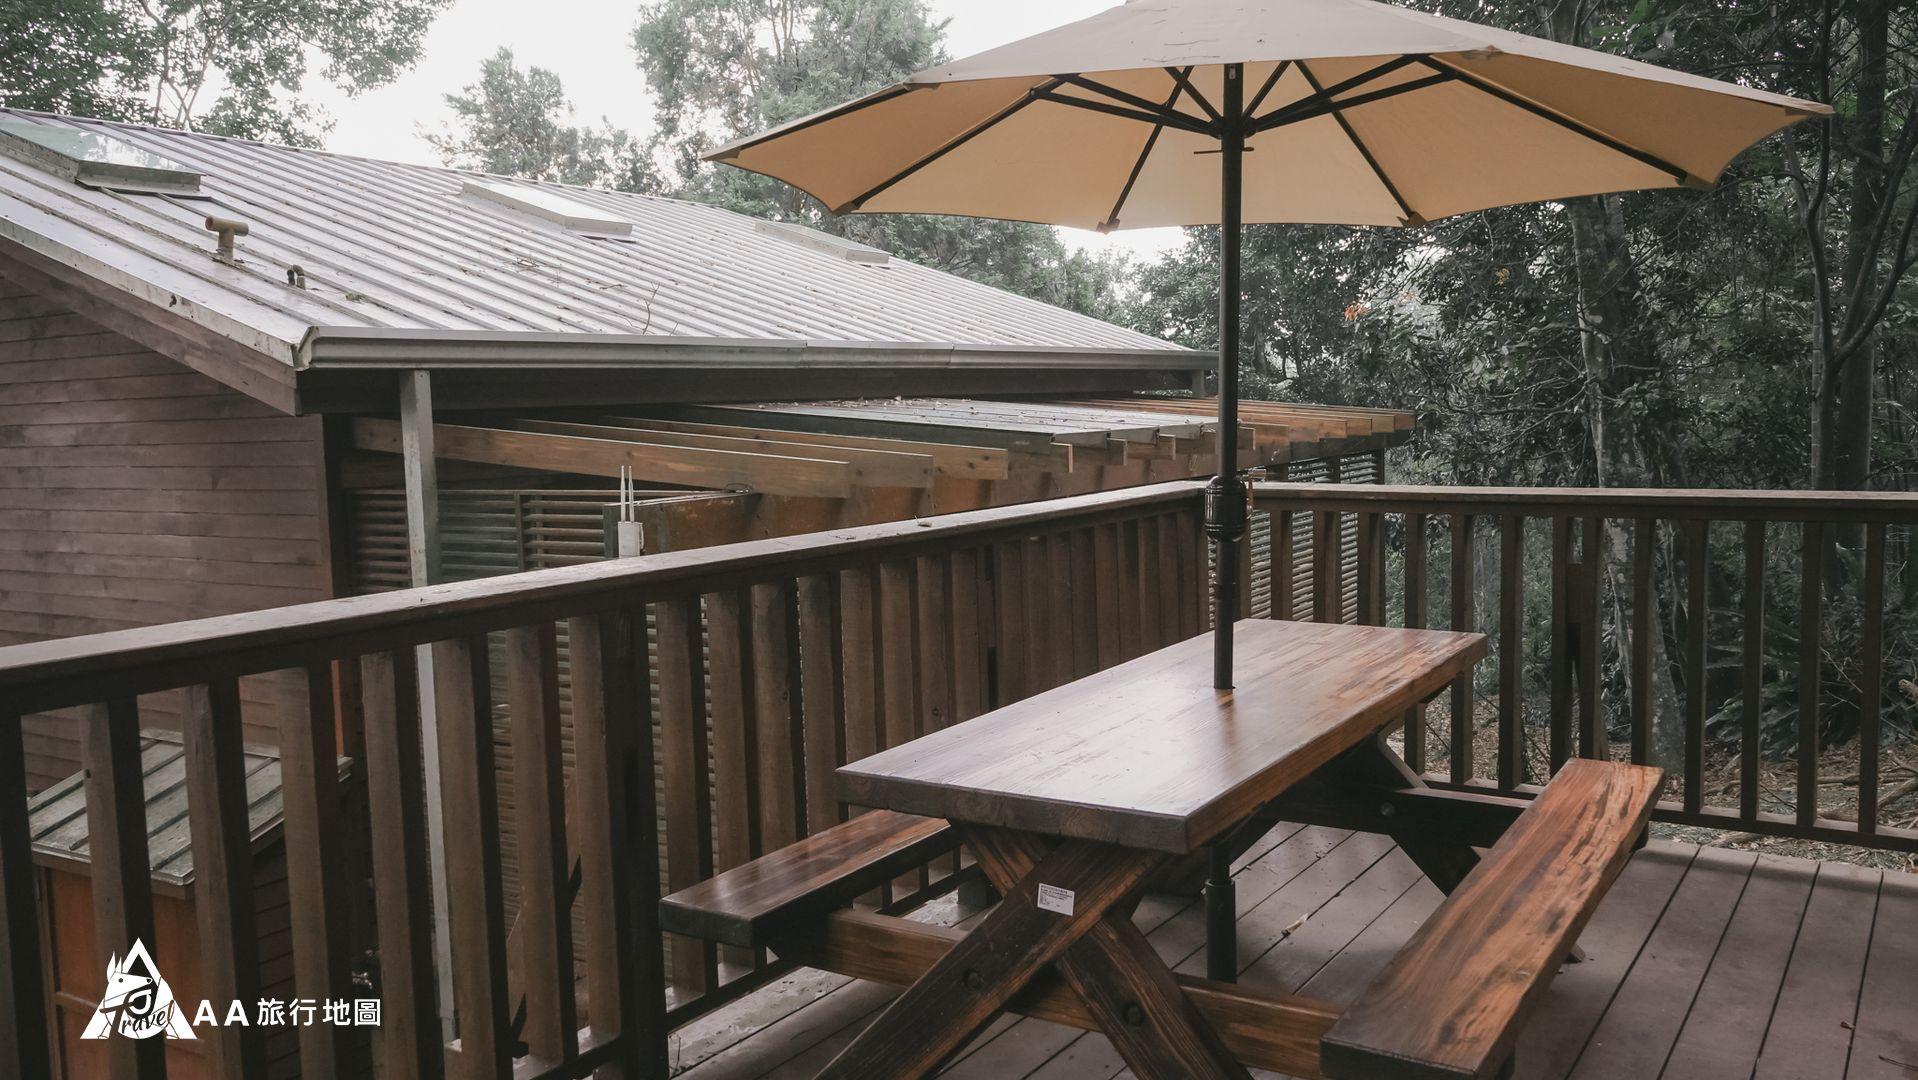 鳳凰亭序 陽台外面的小桌子也很適合三五好友晚上坐著喝酒聊天